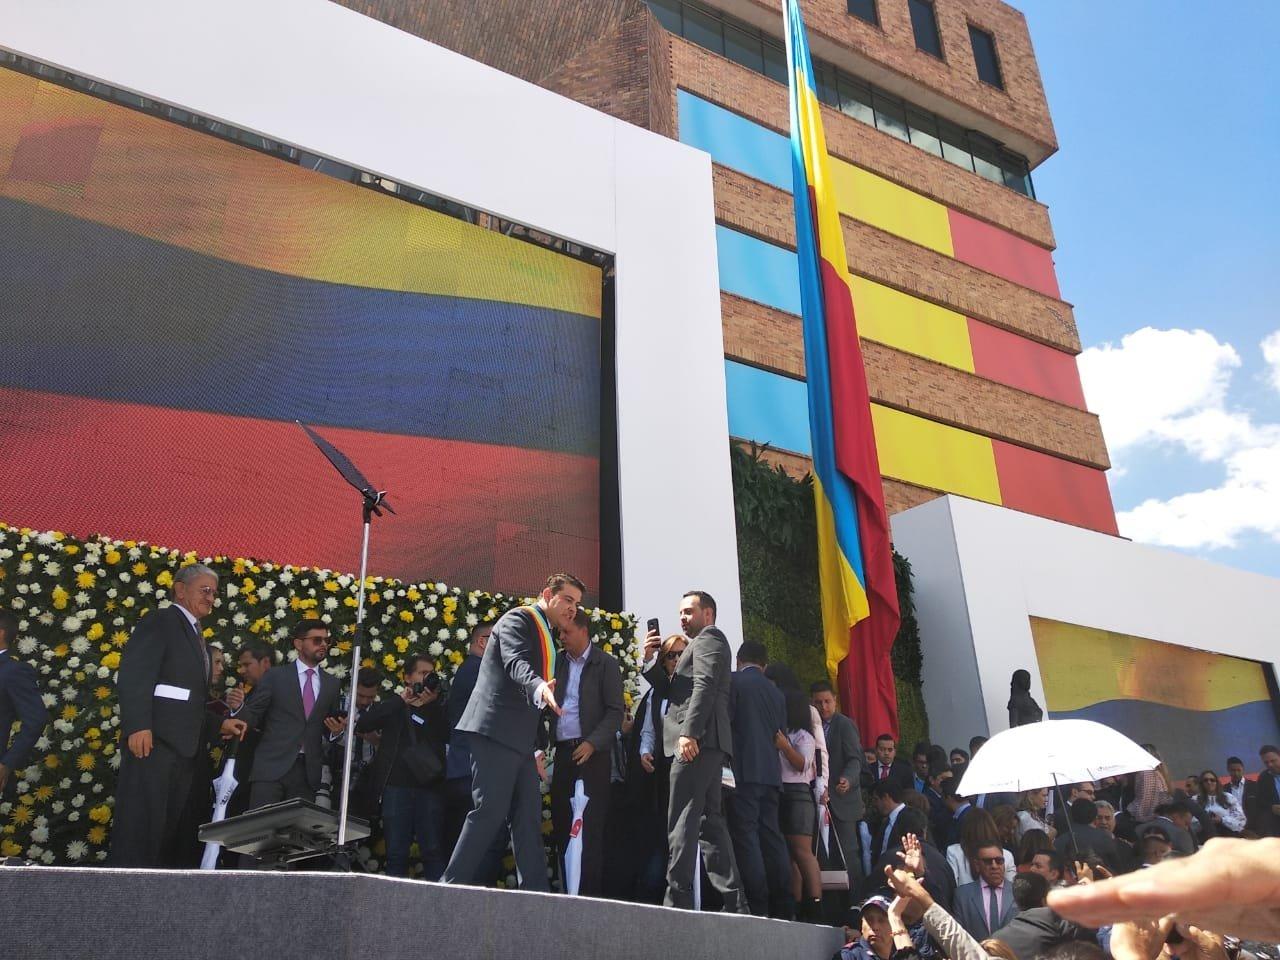 Así transcurrió el evento de posesión del Gobernador de Cundinamarca